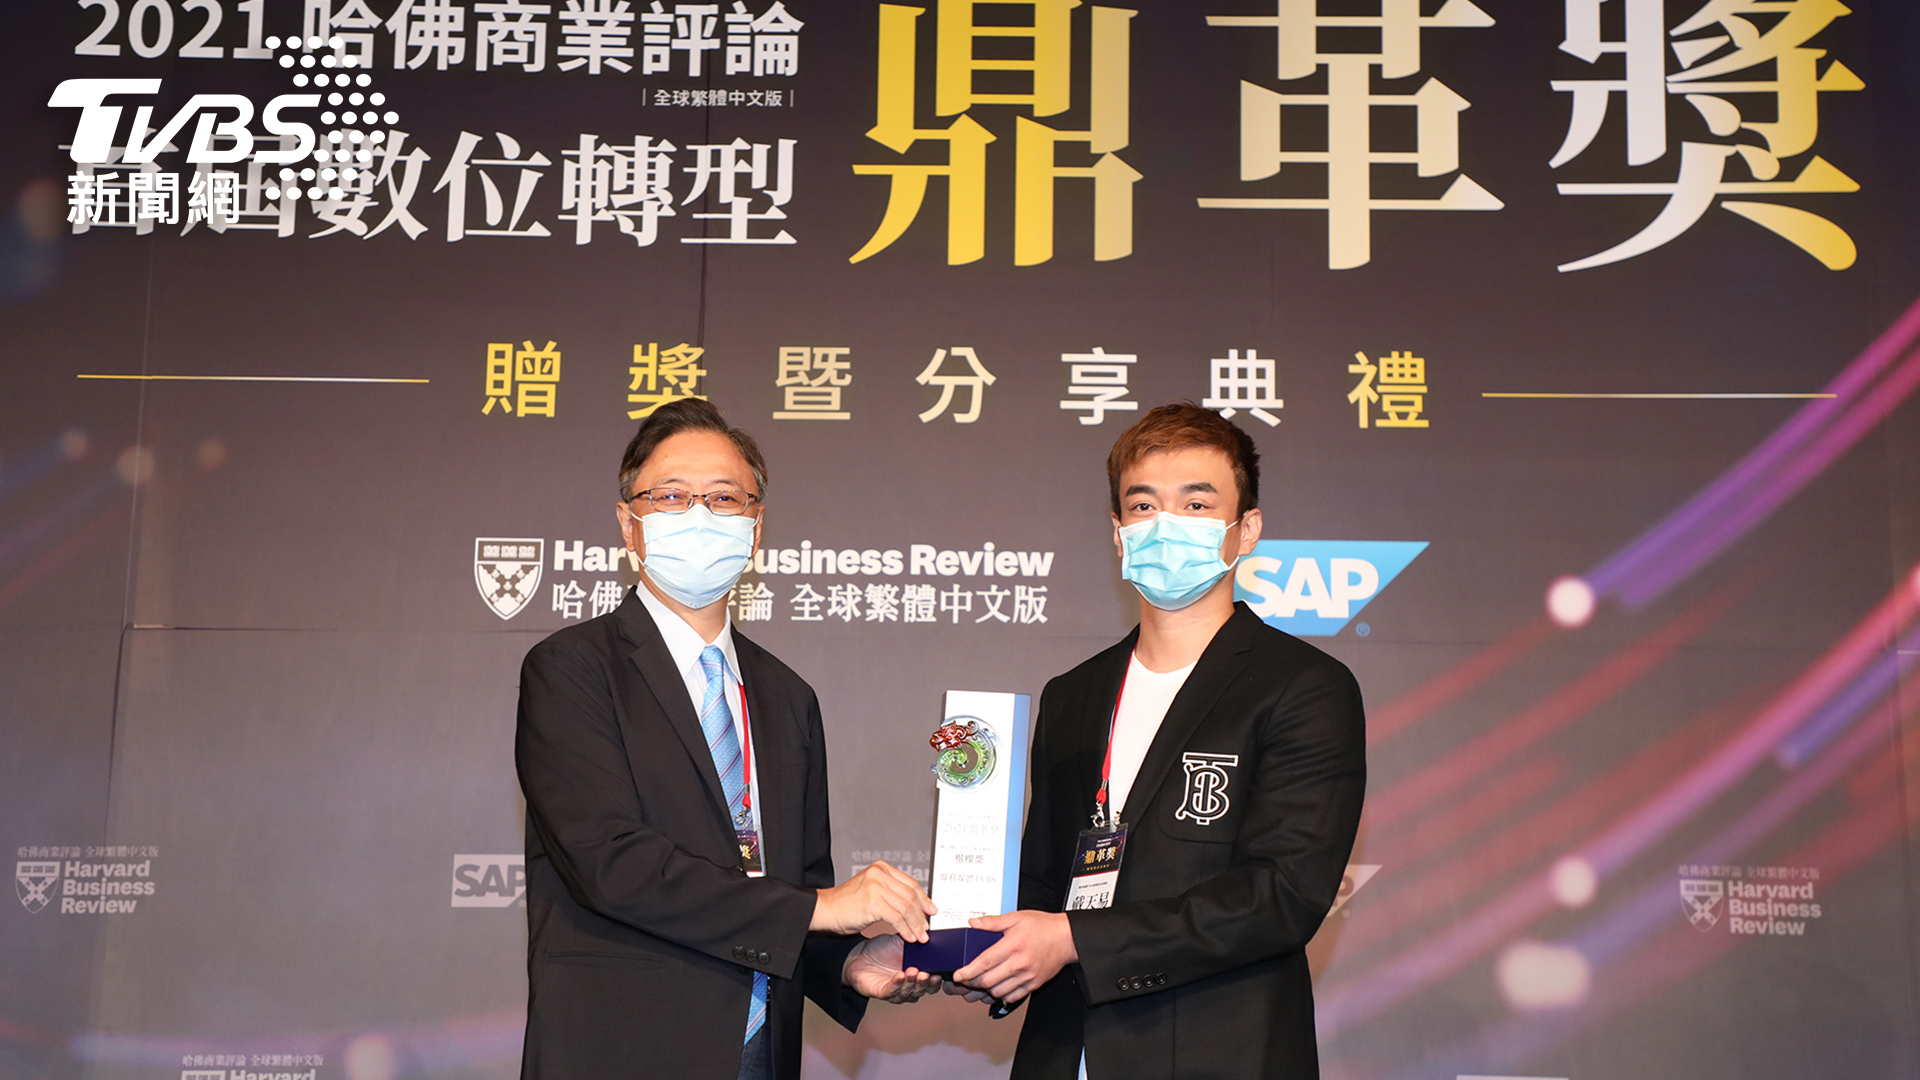 TVBS獲第一屆數位轉型鼎革獎 商業模式轉型獎-中型企業組 楷模獎,由娛樂節目部總監戴天易出席領獎 (圖 HBR提供) 科技力看得見!TVBS 獲「2021數位轉型鼎革獎」肯定